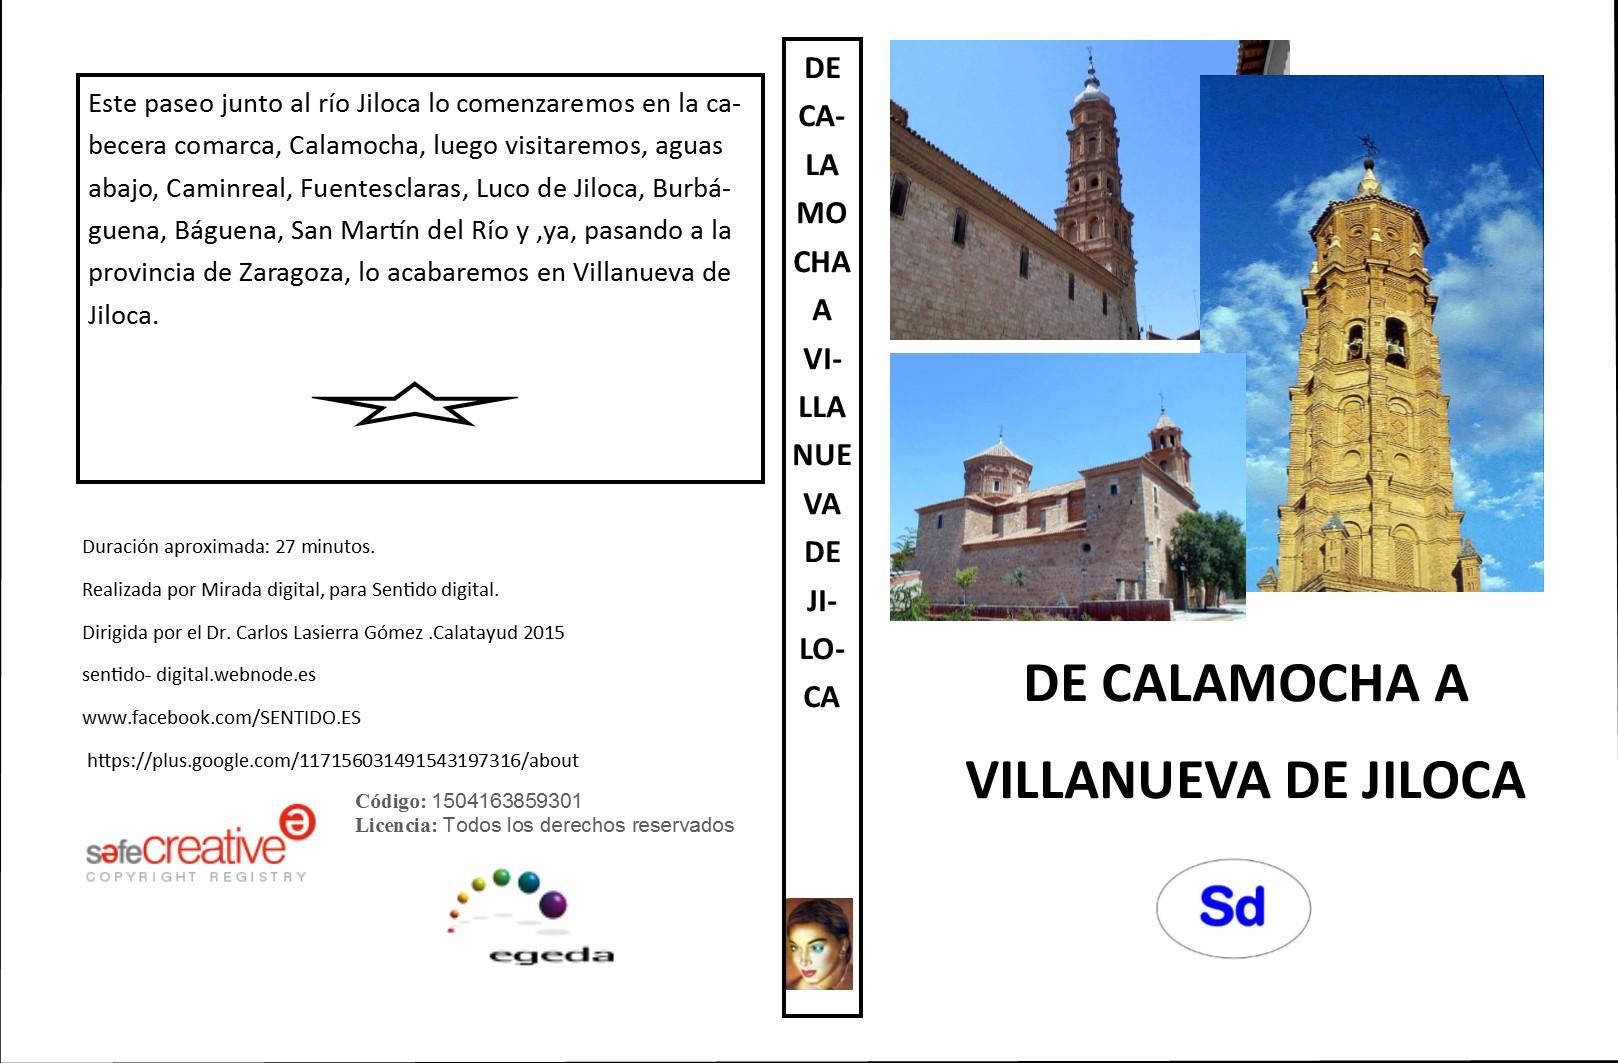 De Calamocha a Villanueva.